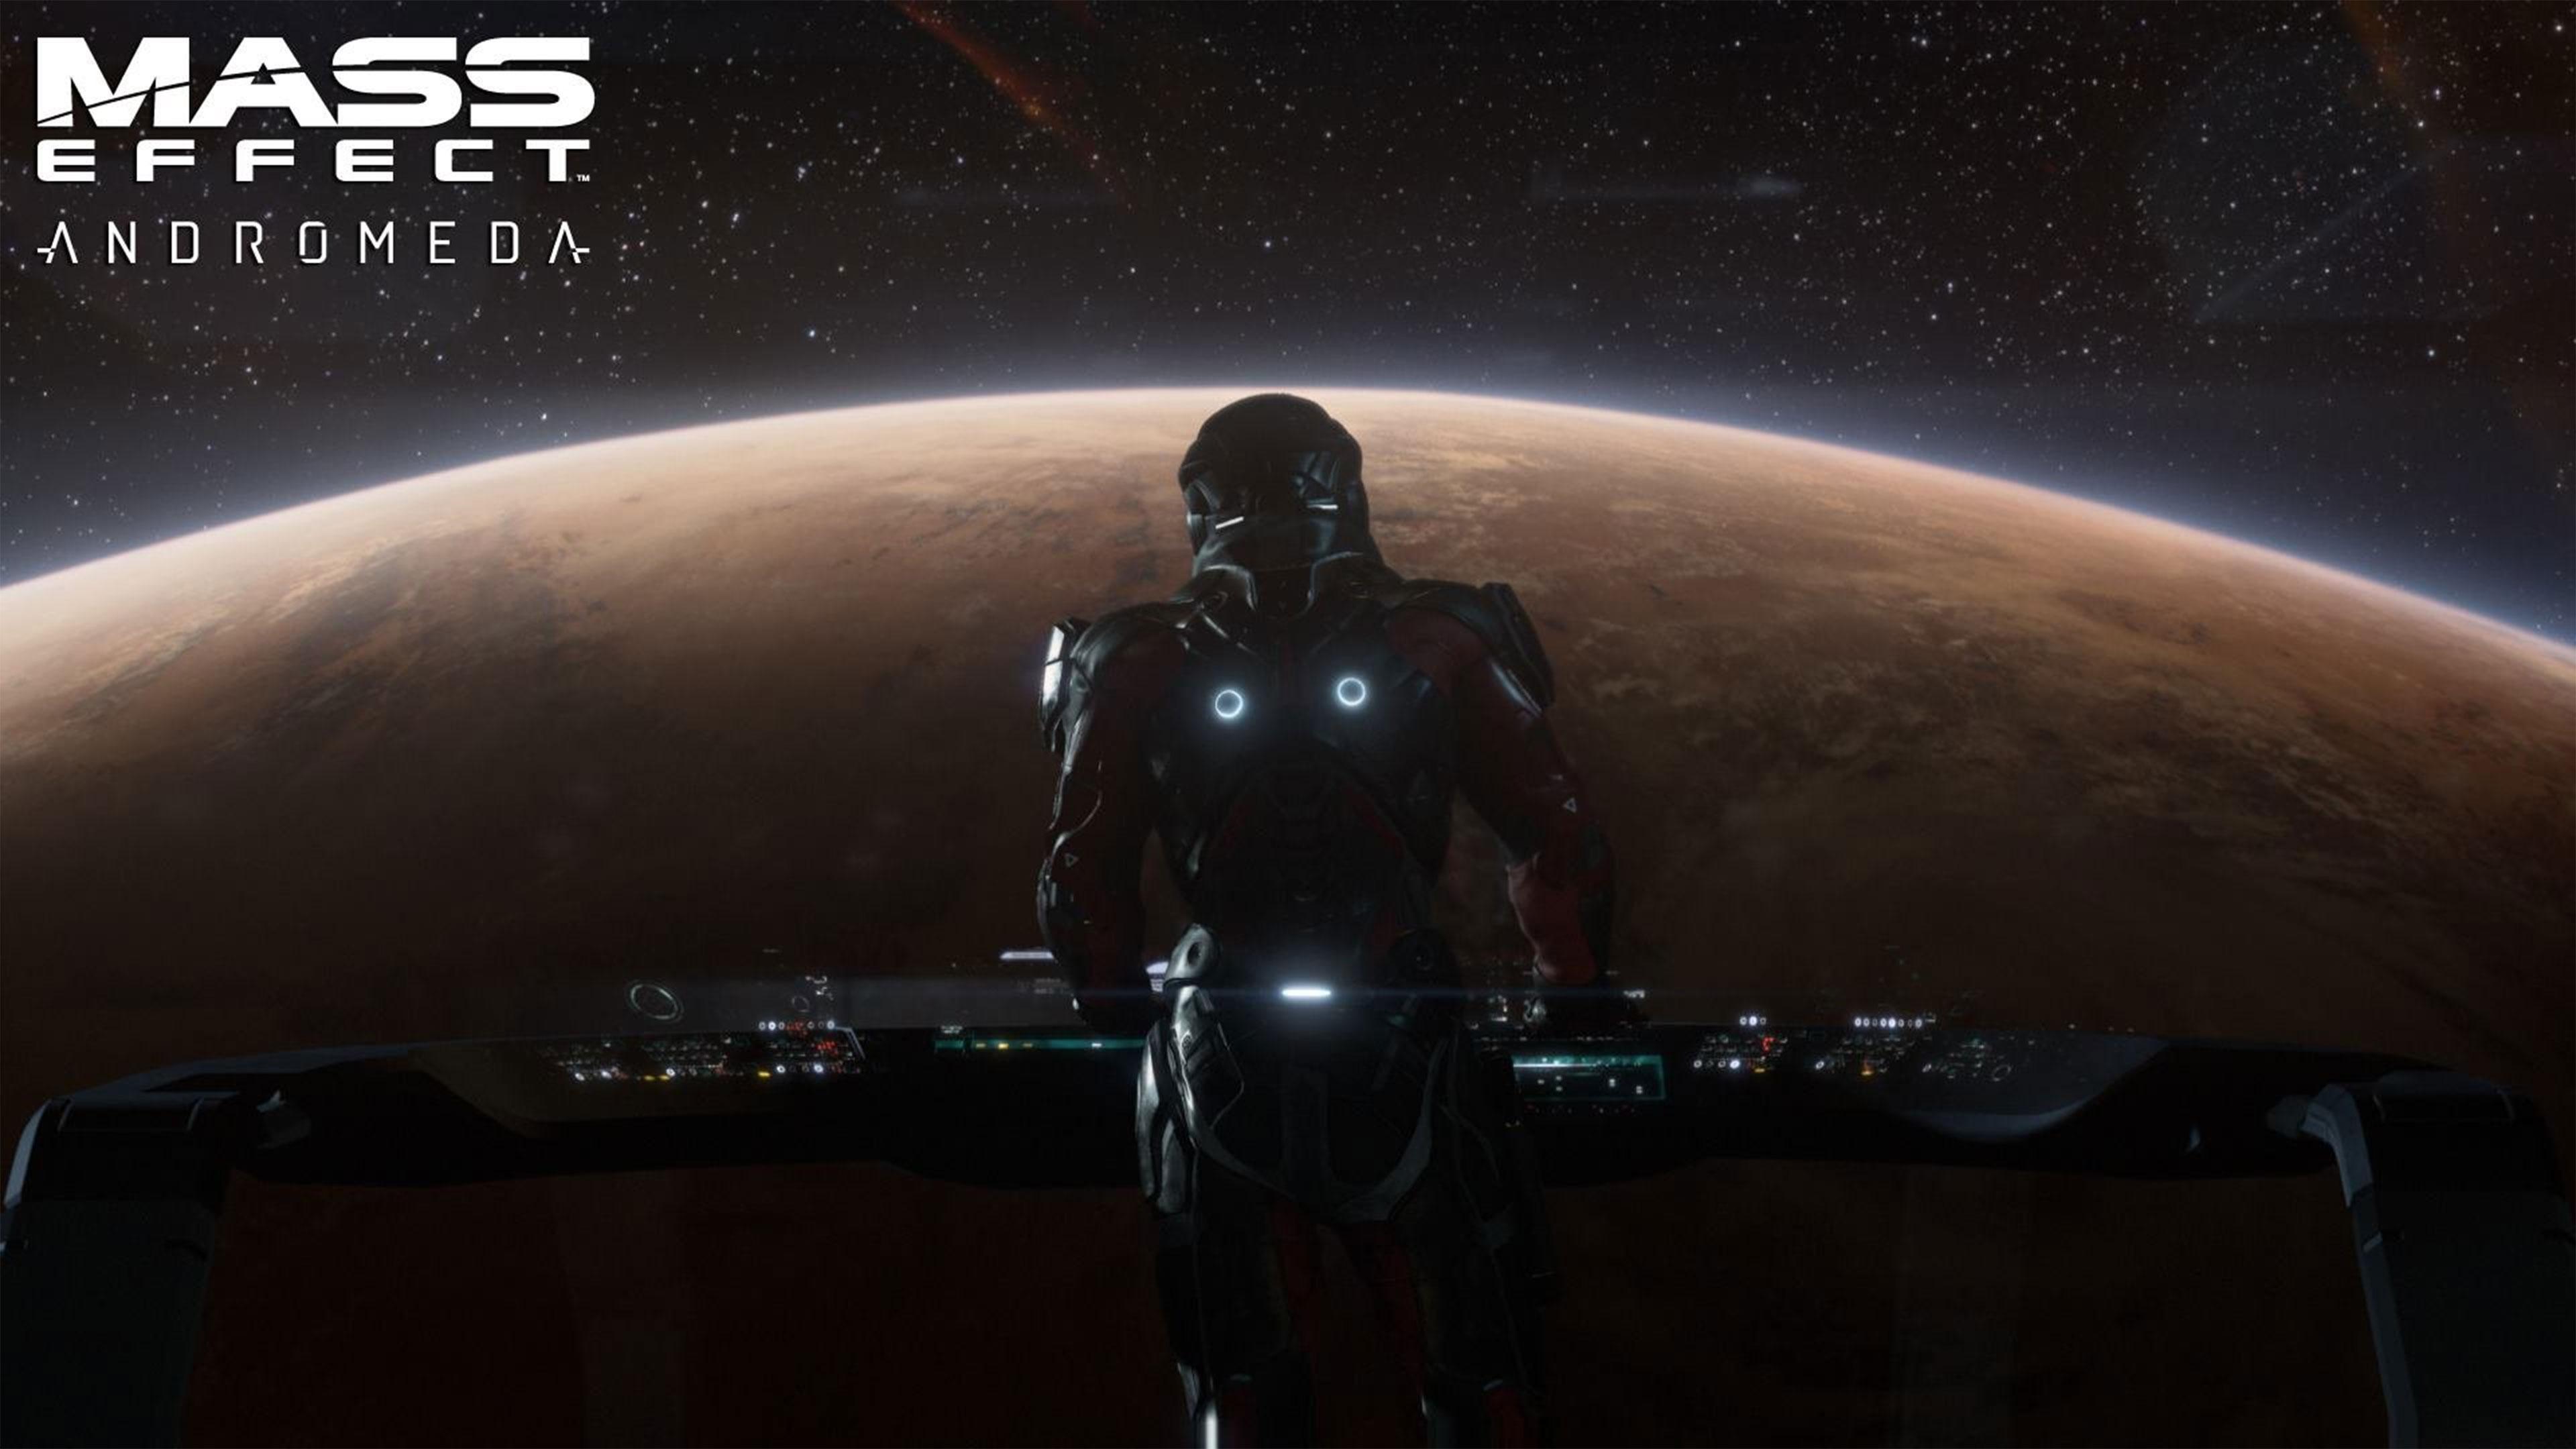 BioWare曾为NDS开发过《质量效应》衍生游戏